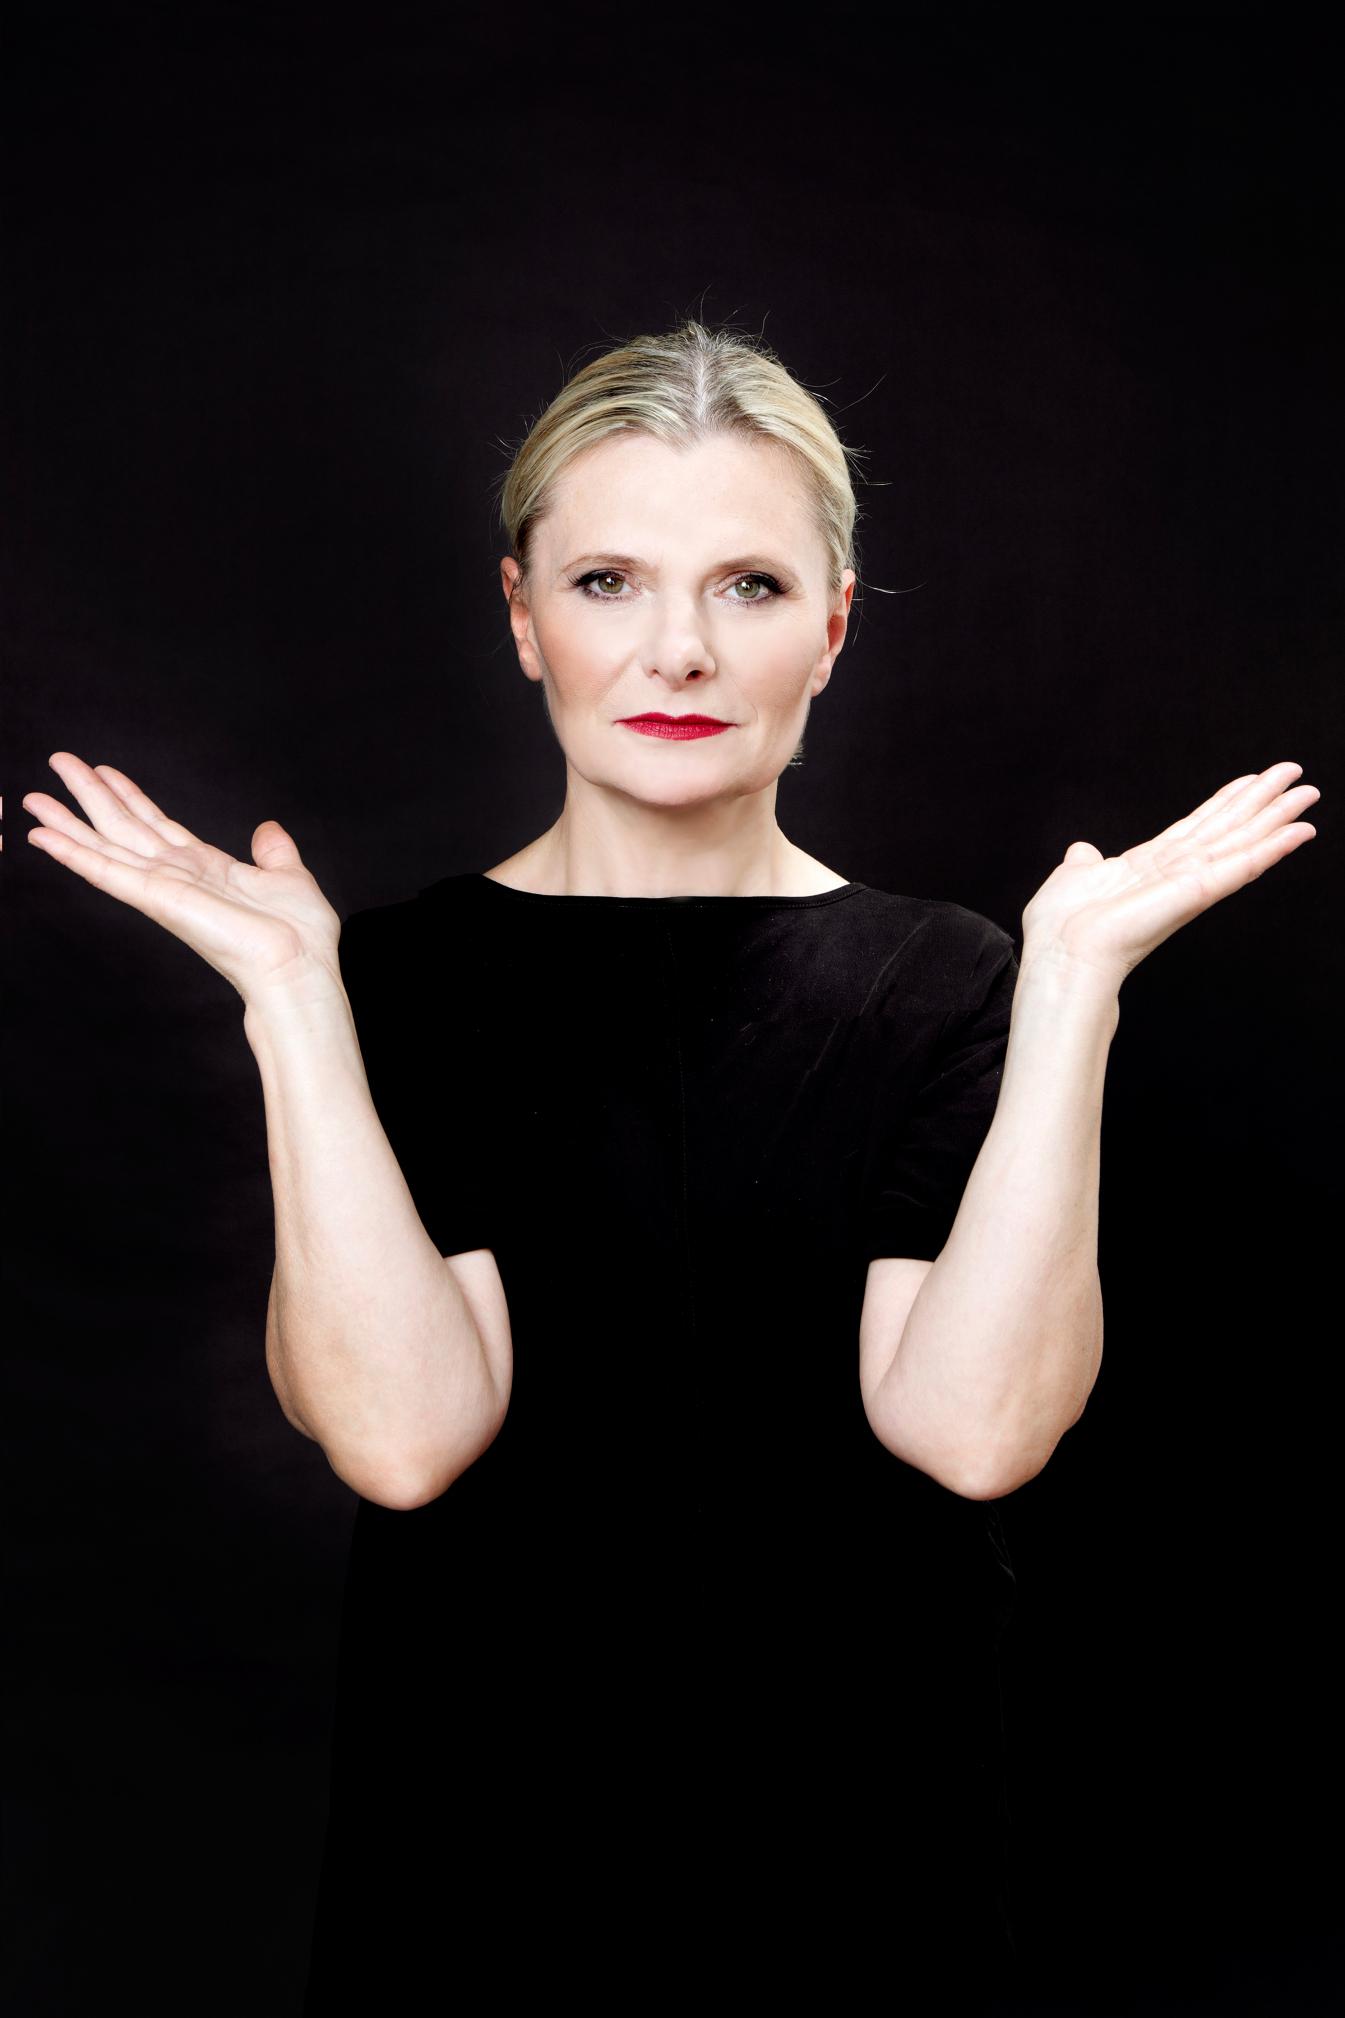 Kobieta w czarnej sukni stoi i rozkłada ręce. Patrzy przed siebie.